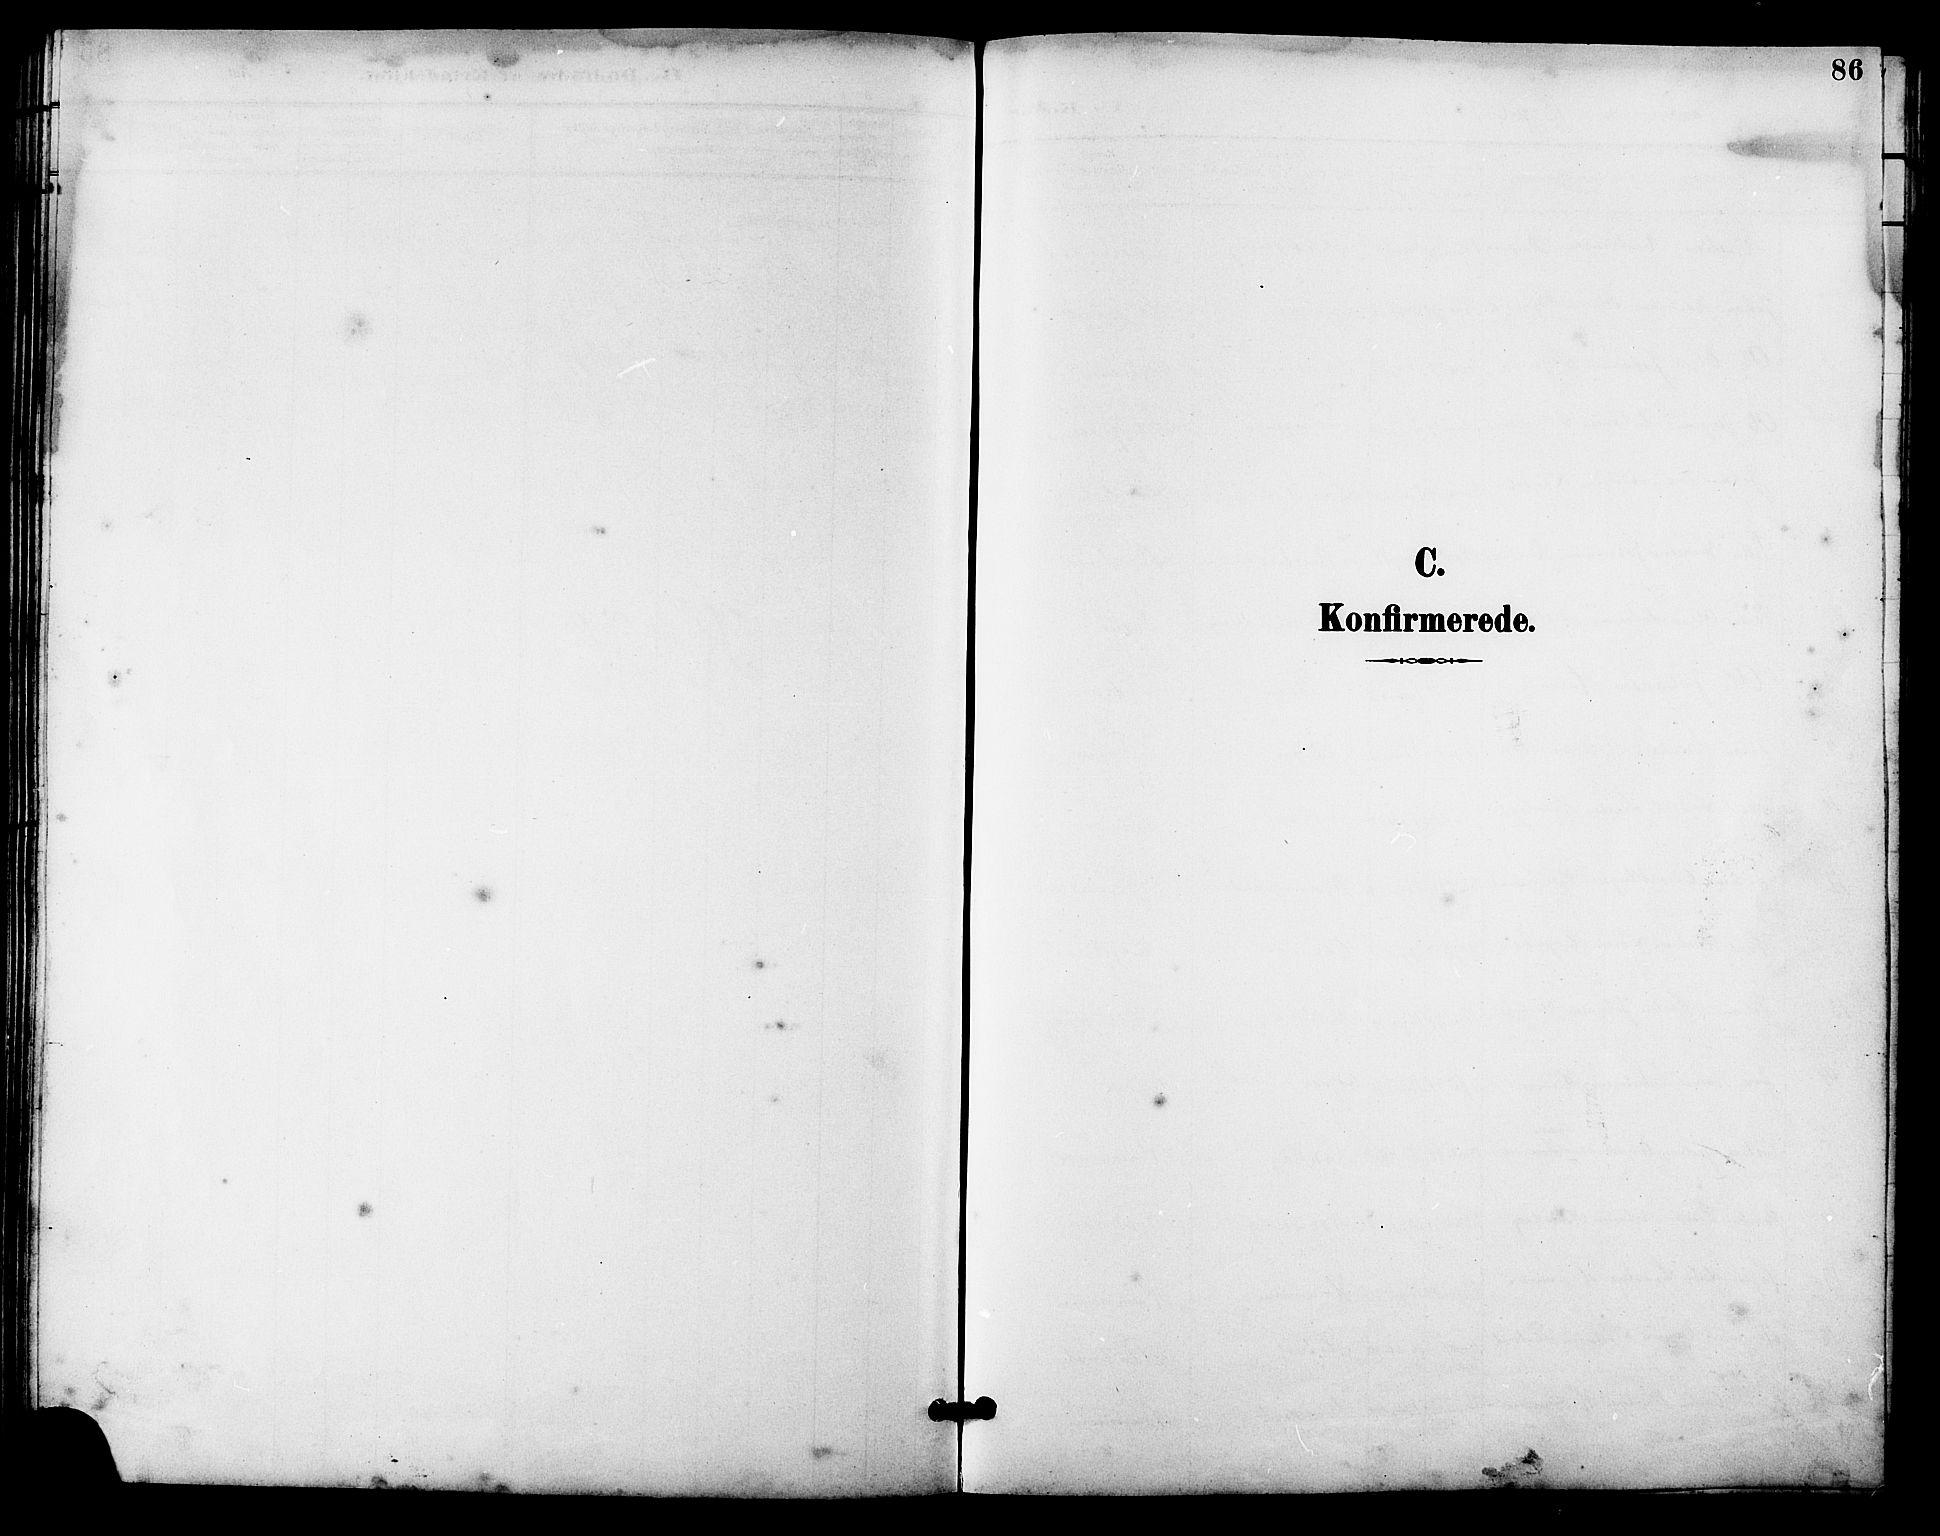 SAT, Ministerialprotokoller, klokkerbøker og fødselsregistre - Sør-Trøndelag, 641/L0598: Klokkerbok nr. 641C02, 1893-1910, s. 86